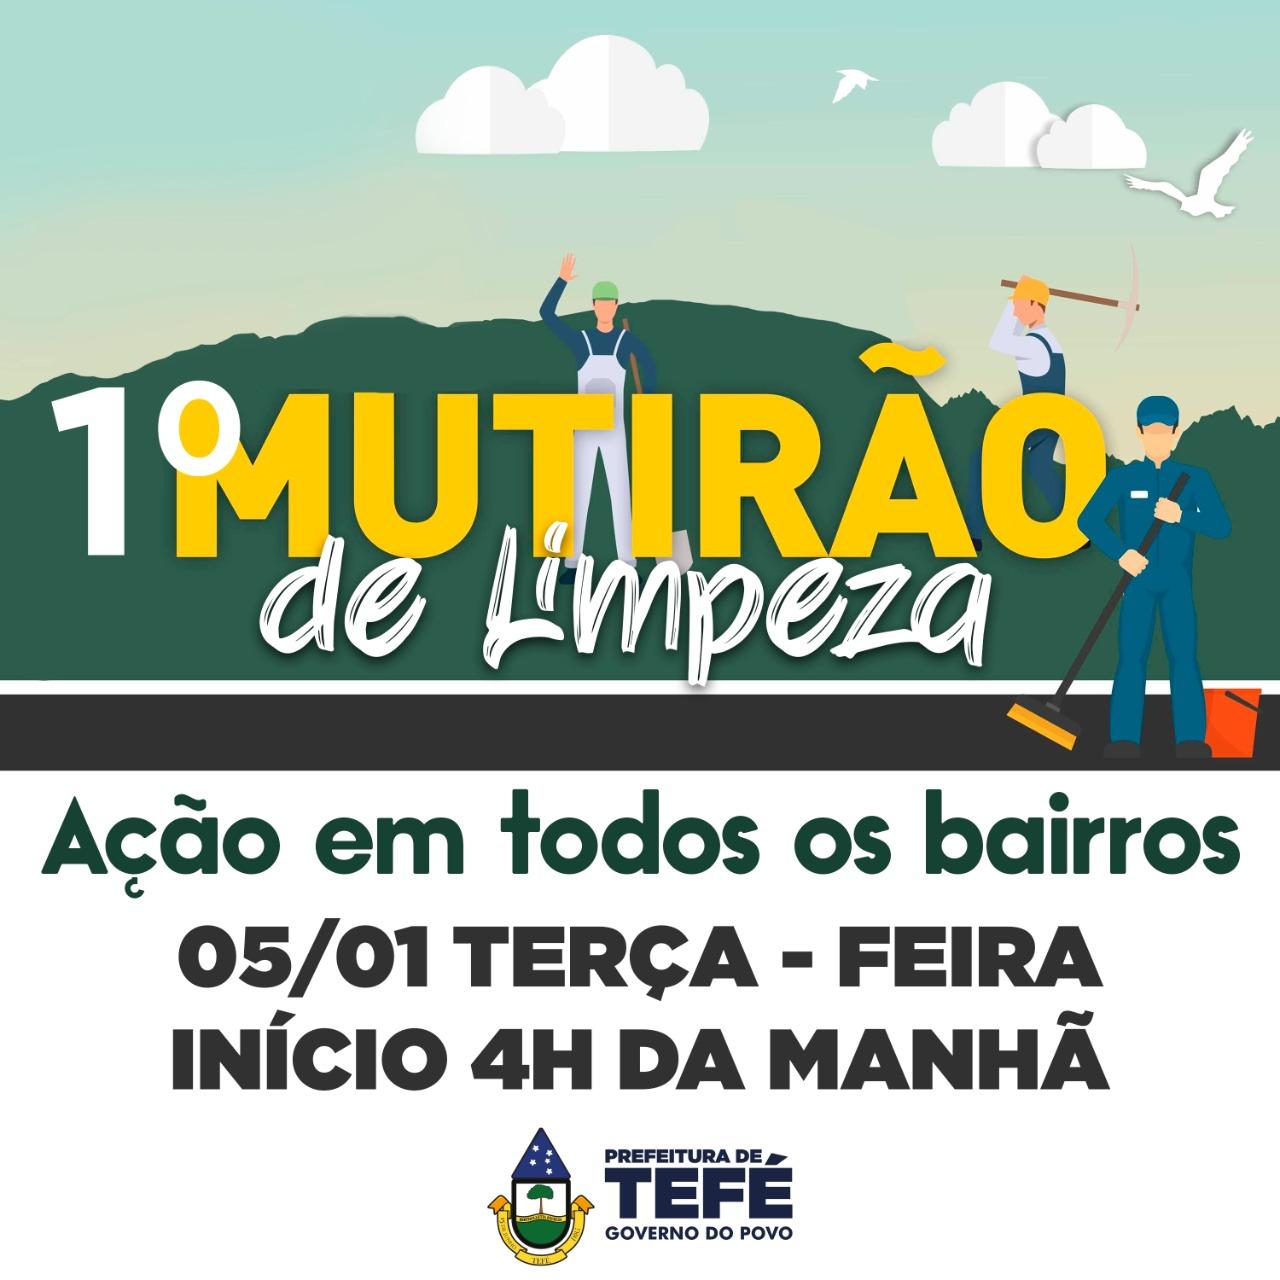 PREFEITURA DE TEFÉ INICIA MUTIRÃO DE LIMPEZA NOS BAIRROS DA CIDADE